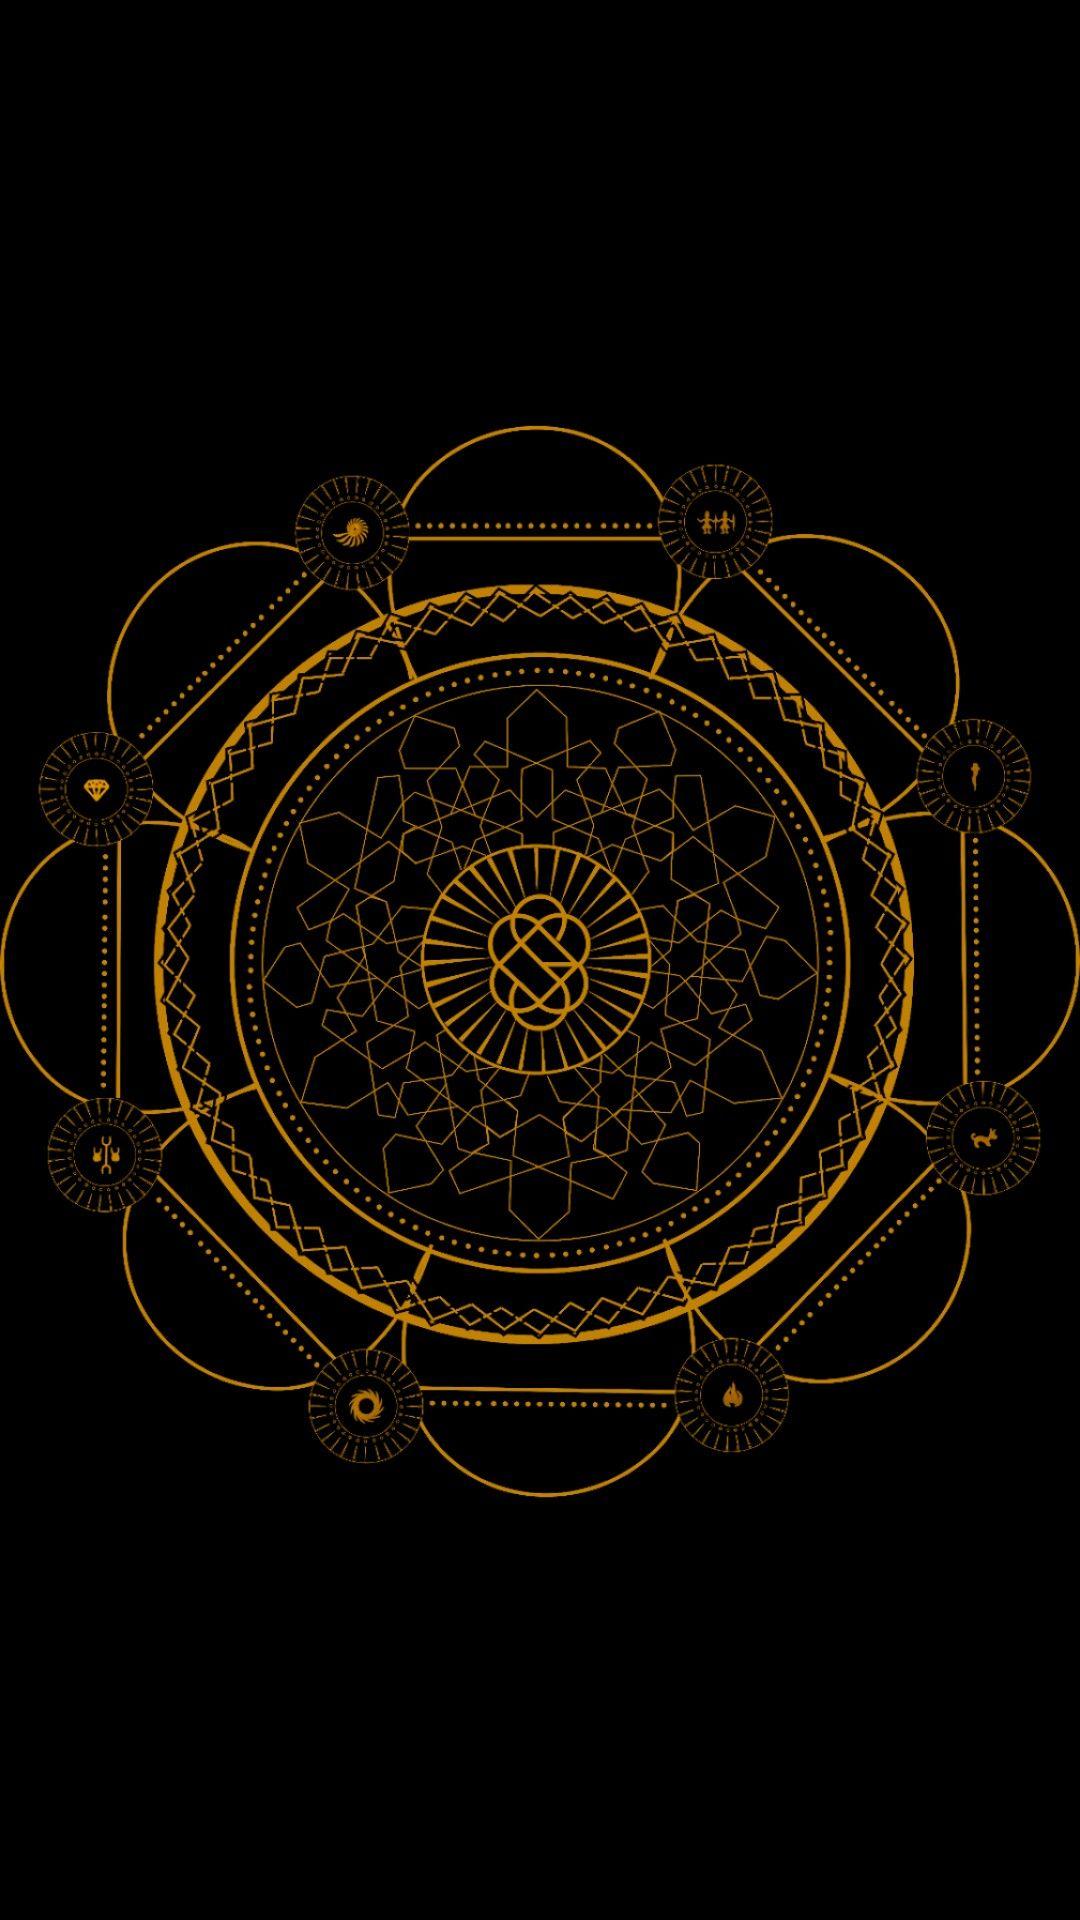 Mandala Iphone Wallpaper Sacred Games Wallpaper In 2019 Cellphone Wallpaper